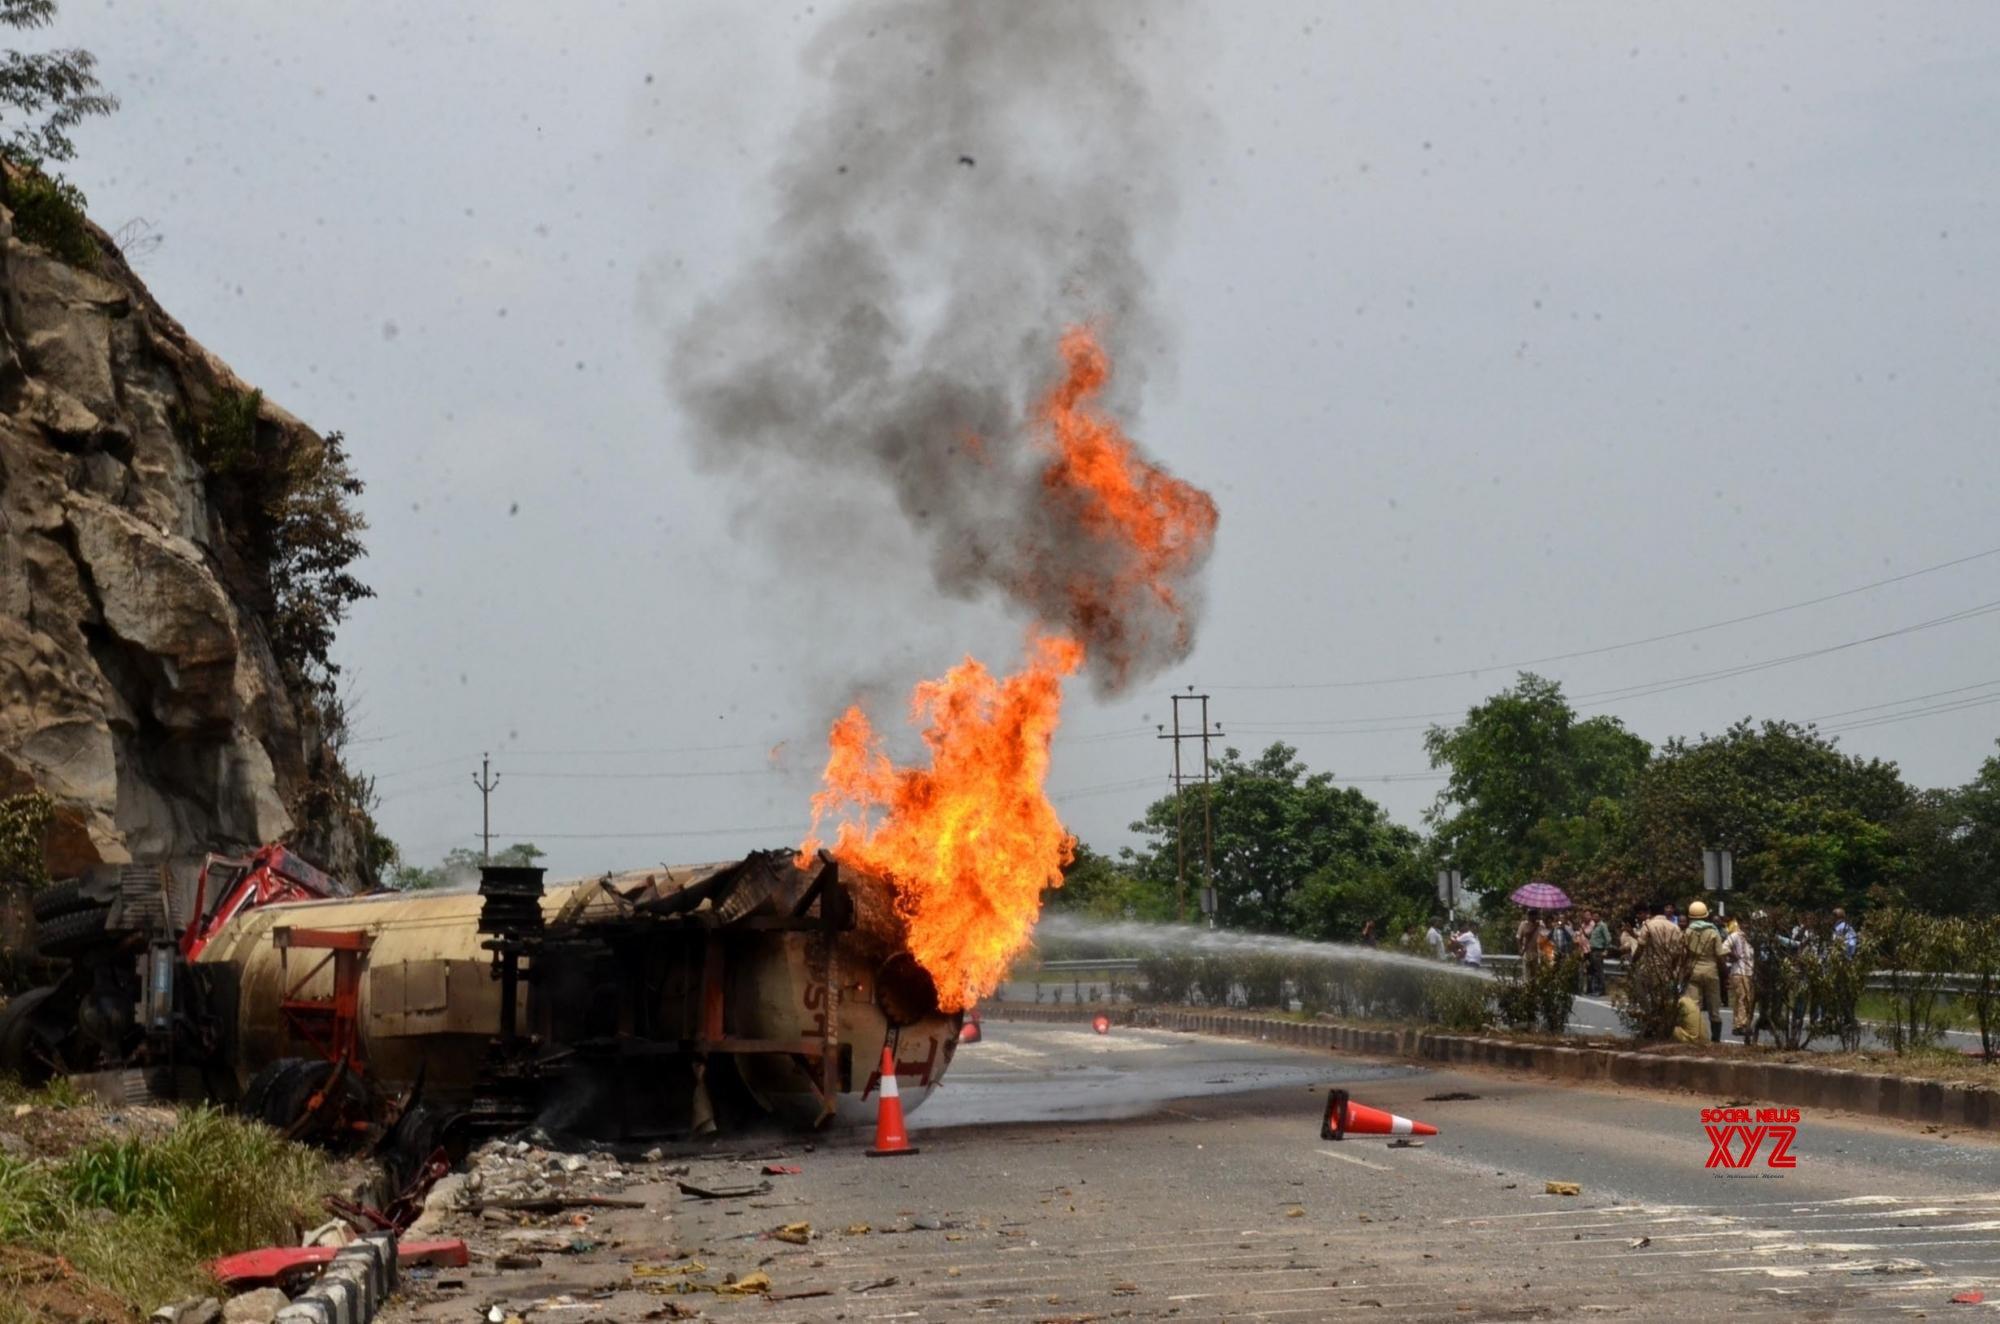 18 Indians killed in LPG tanker blast in Sudan